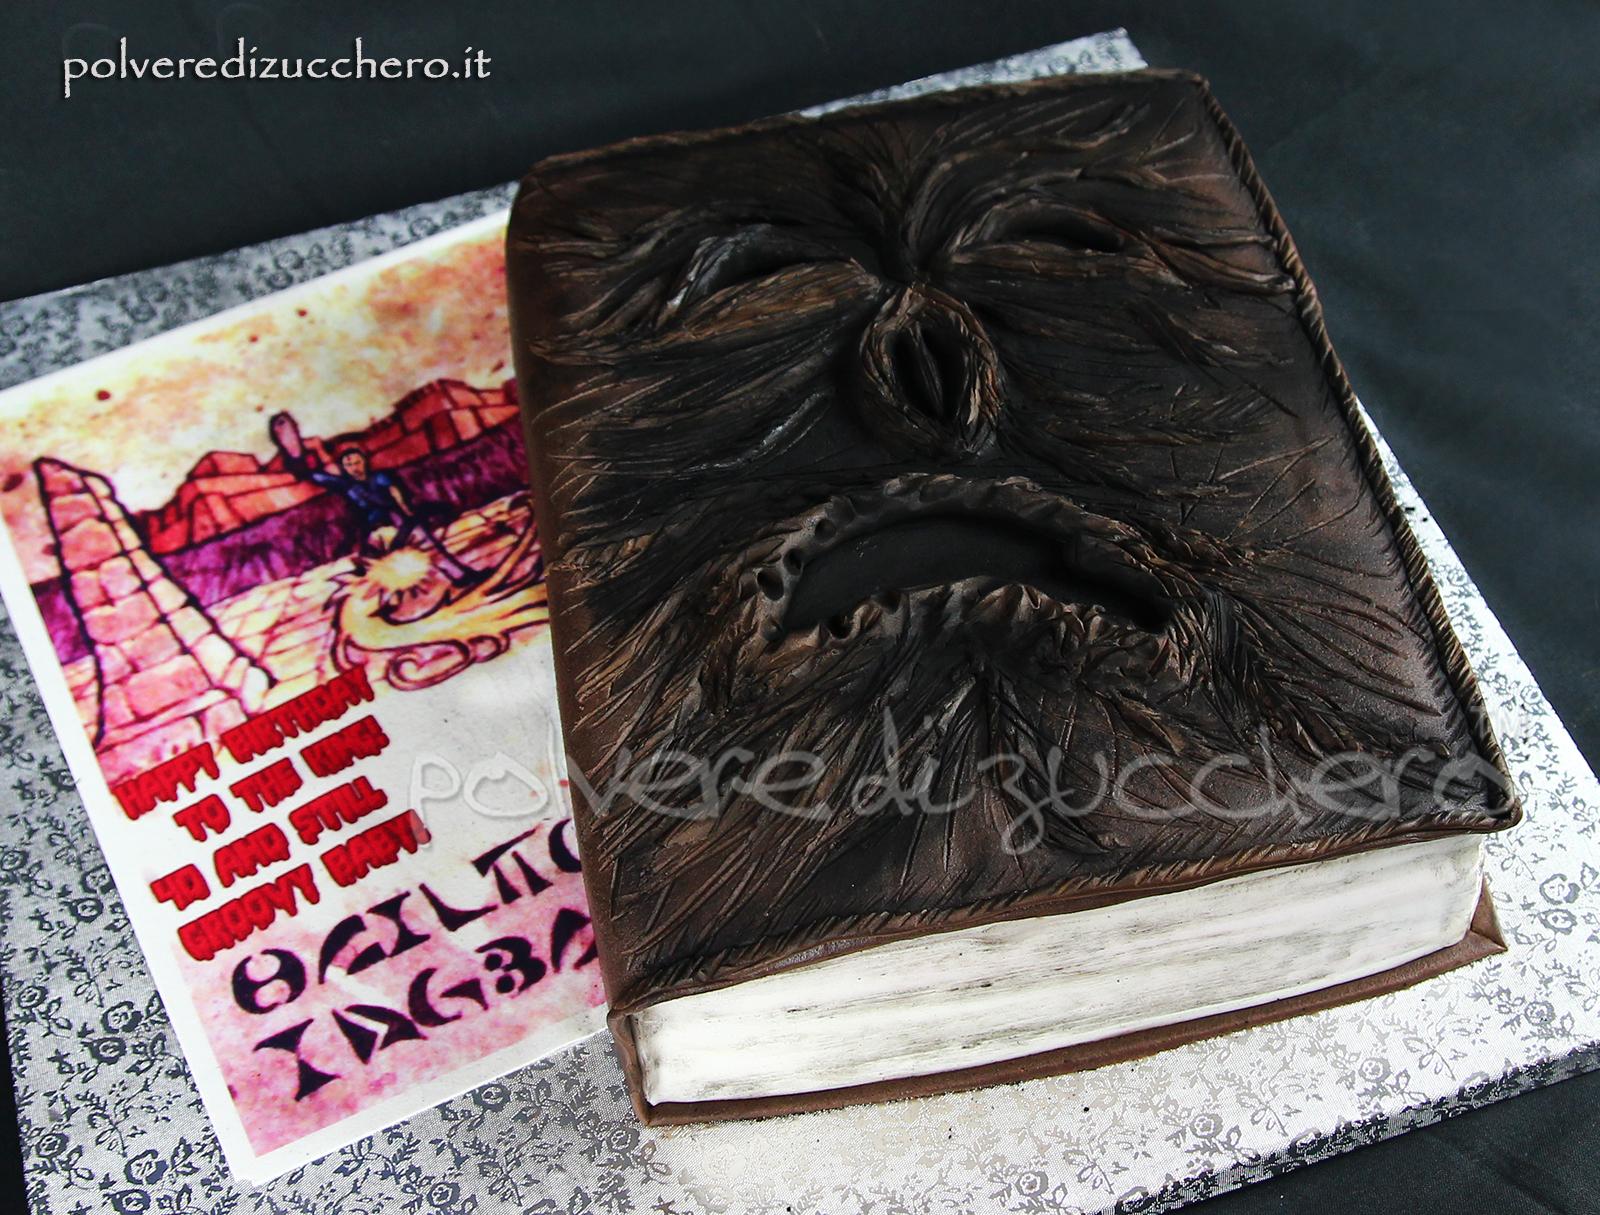 torta decorata cake design pasta di zucchero fondant polvere di zucchero necronomicon ex mortis Ash Vs Evil dead la casa the house compleanno book cake